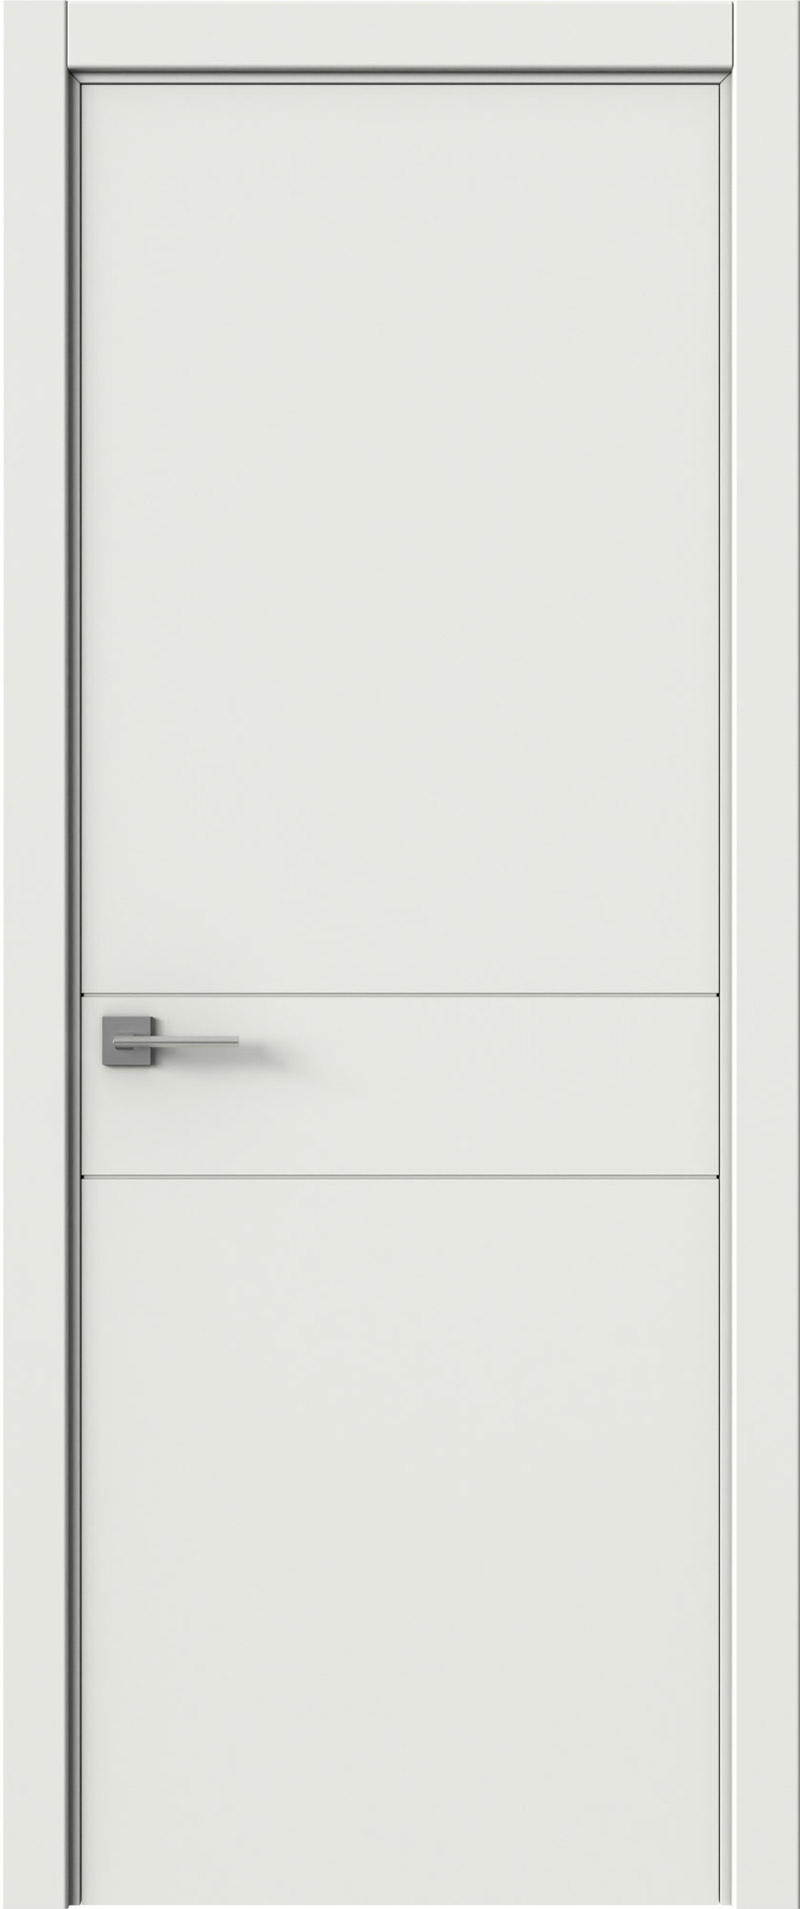 Tivoli И-2 цвет - Белая эмаль (RAL 9003) Без стекла (ДГ)